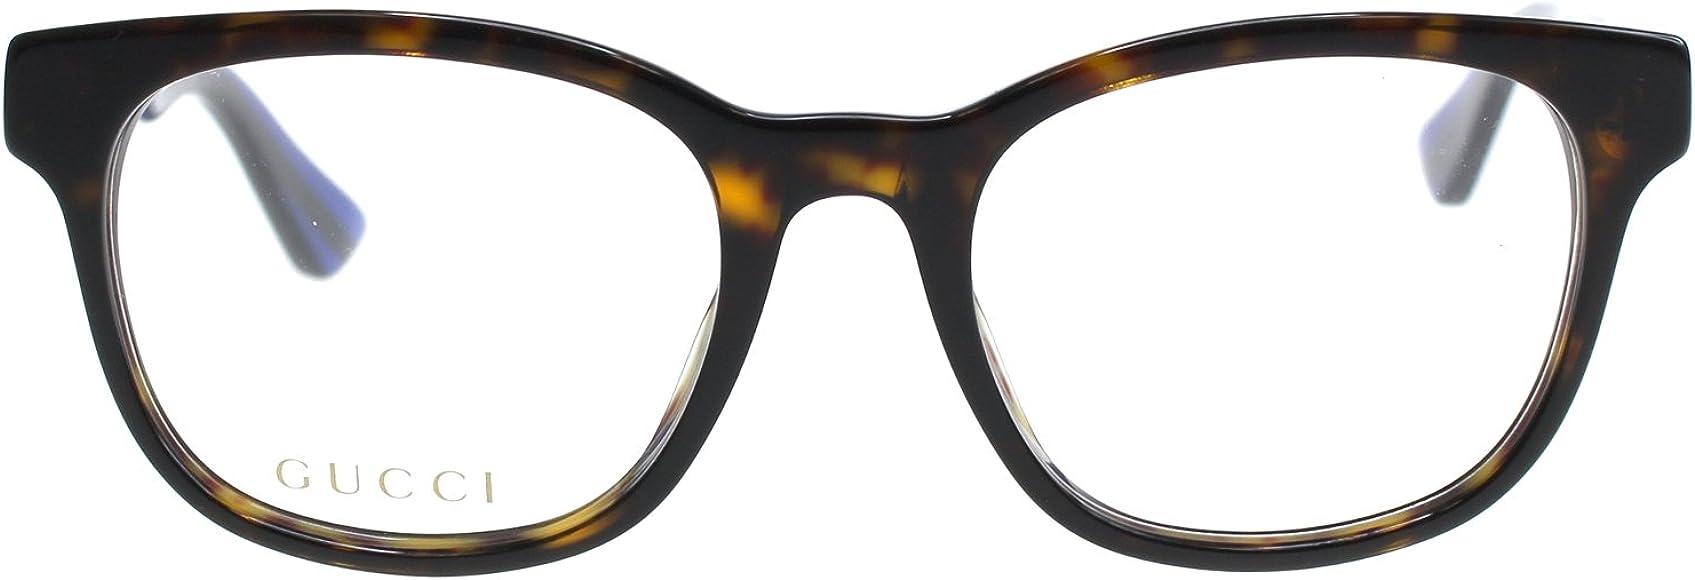 560947298eb6 Amazon.com: Gucci GG 0005O 007 Havana Plastic Square Eyeglasses 53mm ...